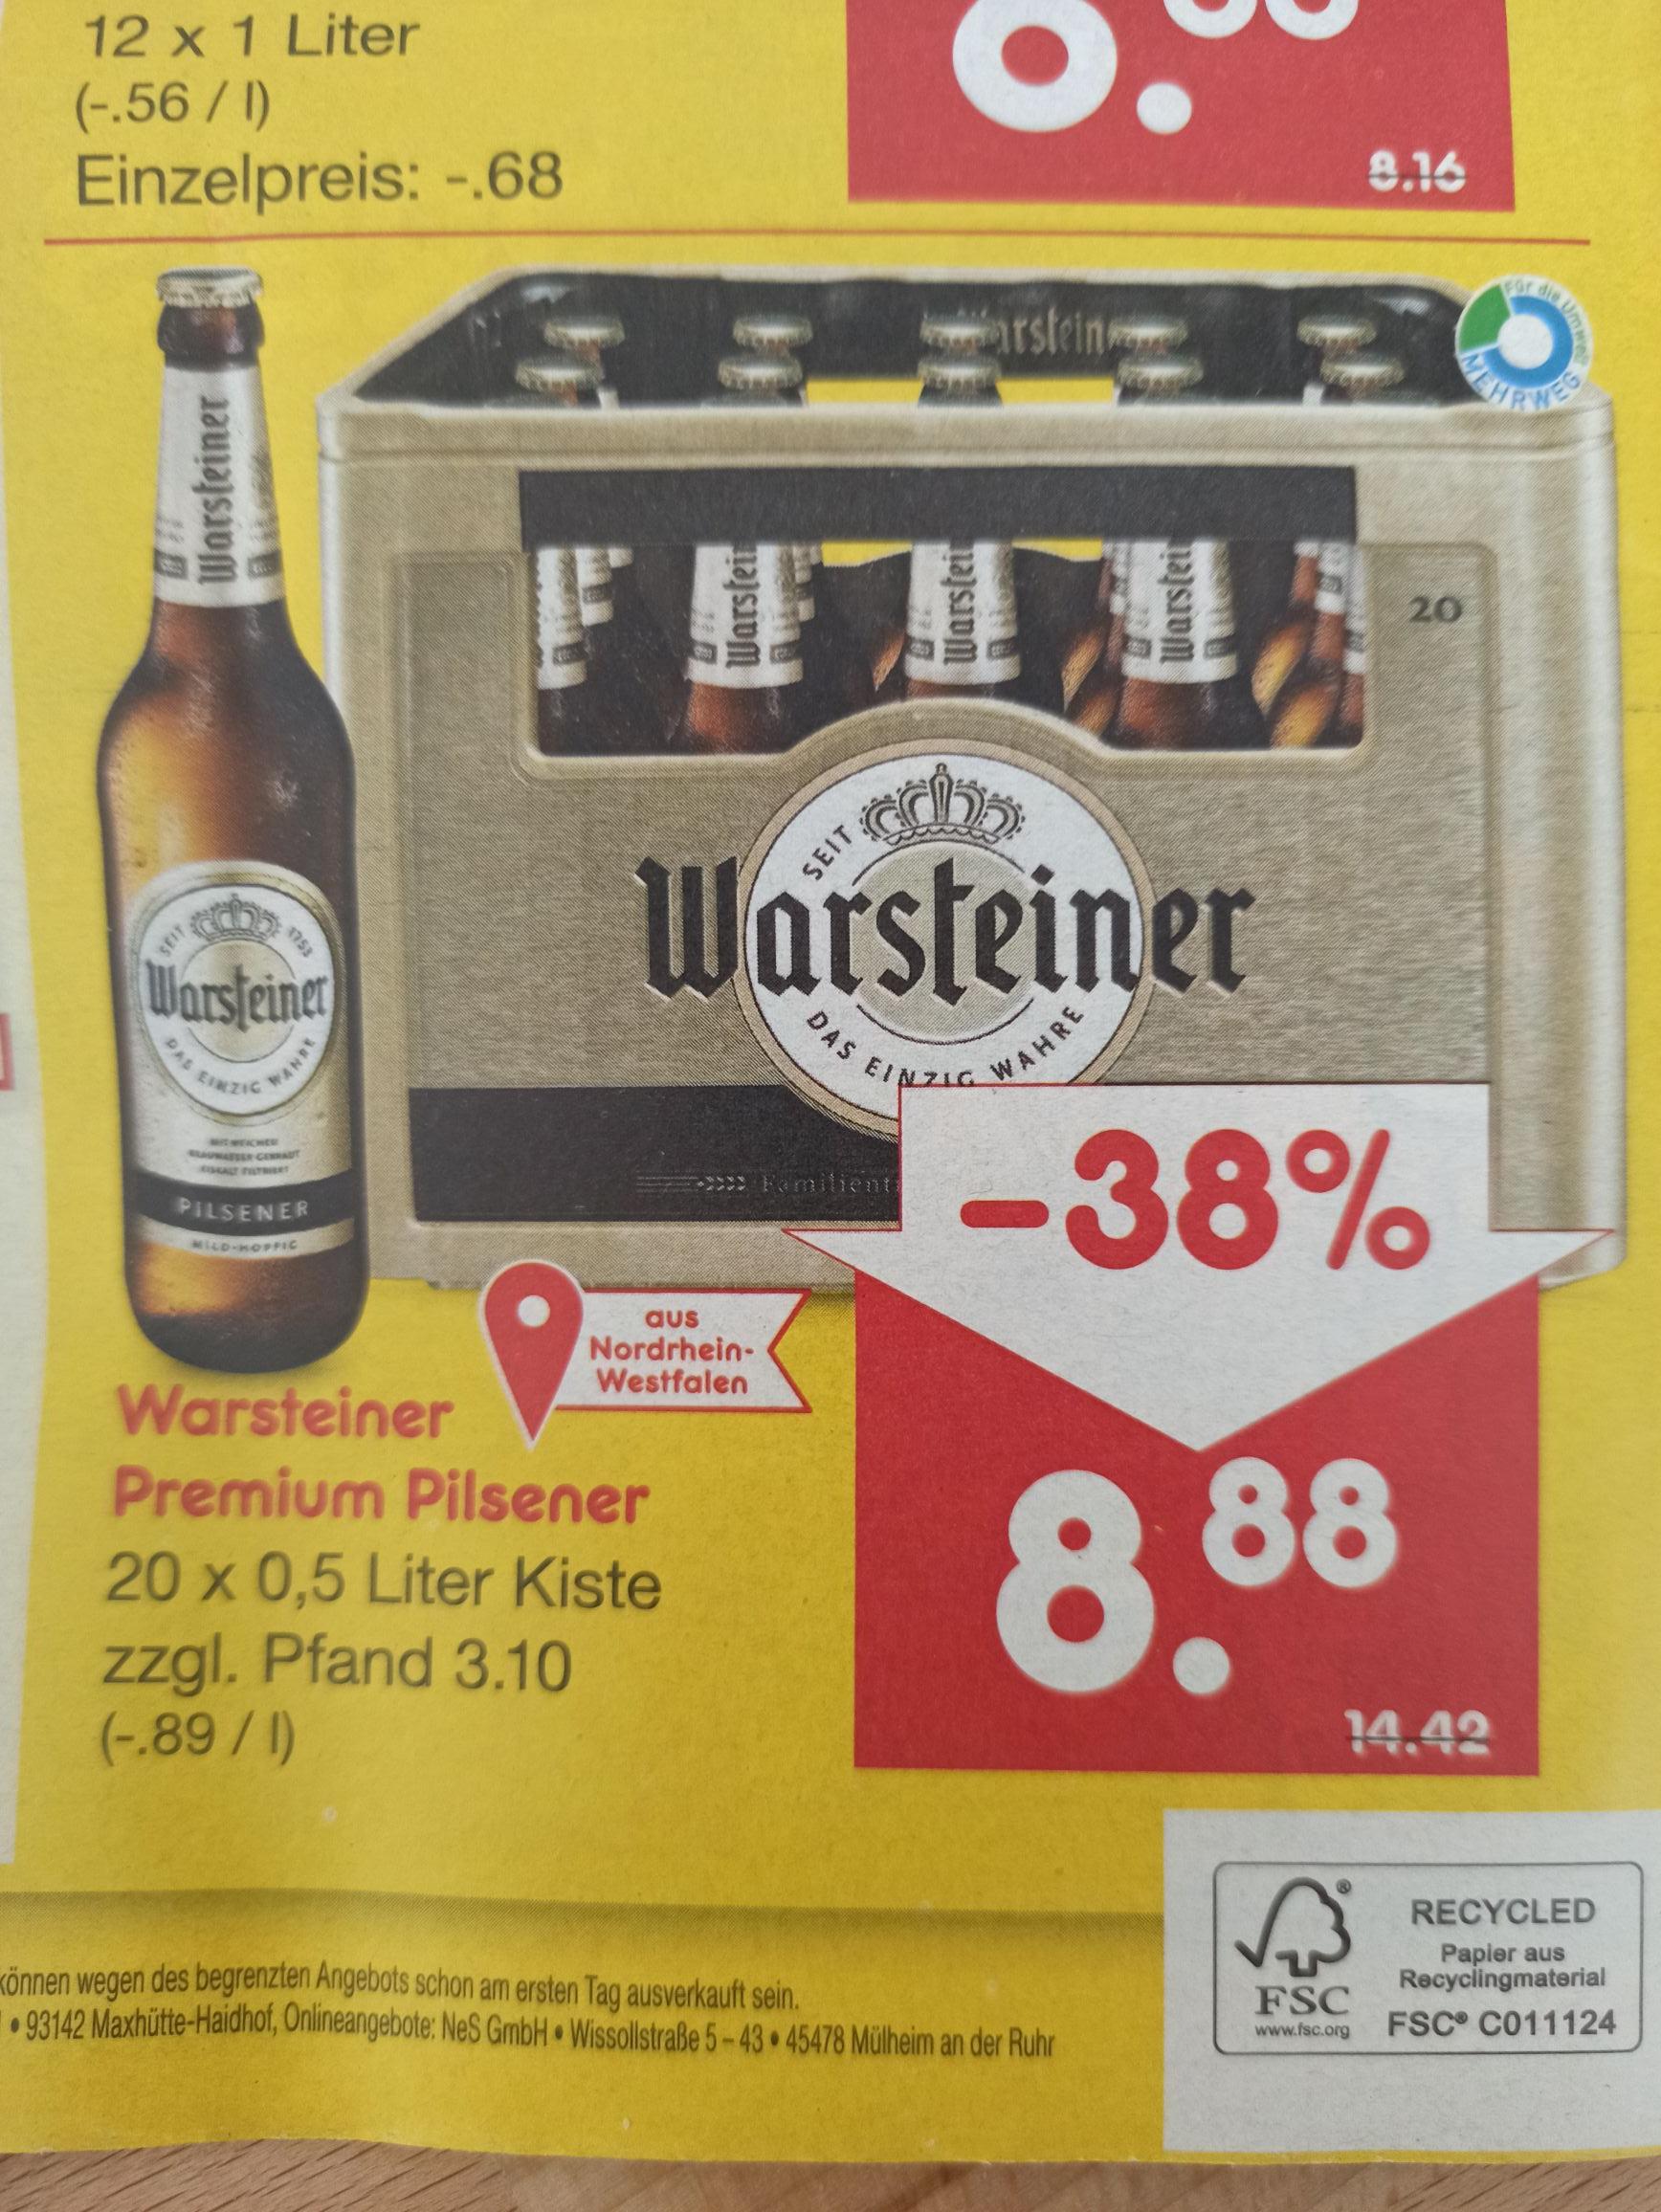 [Netto MD] [Lokal] Warsteiner Premium Pils - 20 x 0,5 Liter Kiste Bier - 8,88€ je Kasten